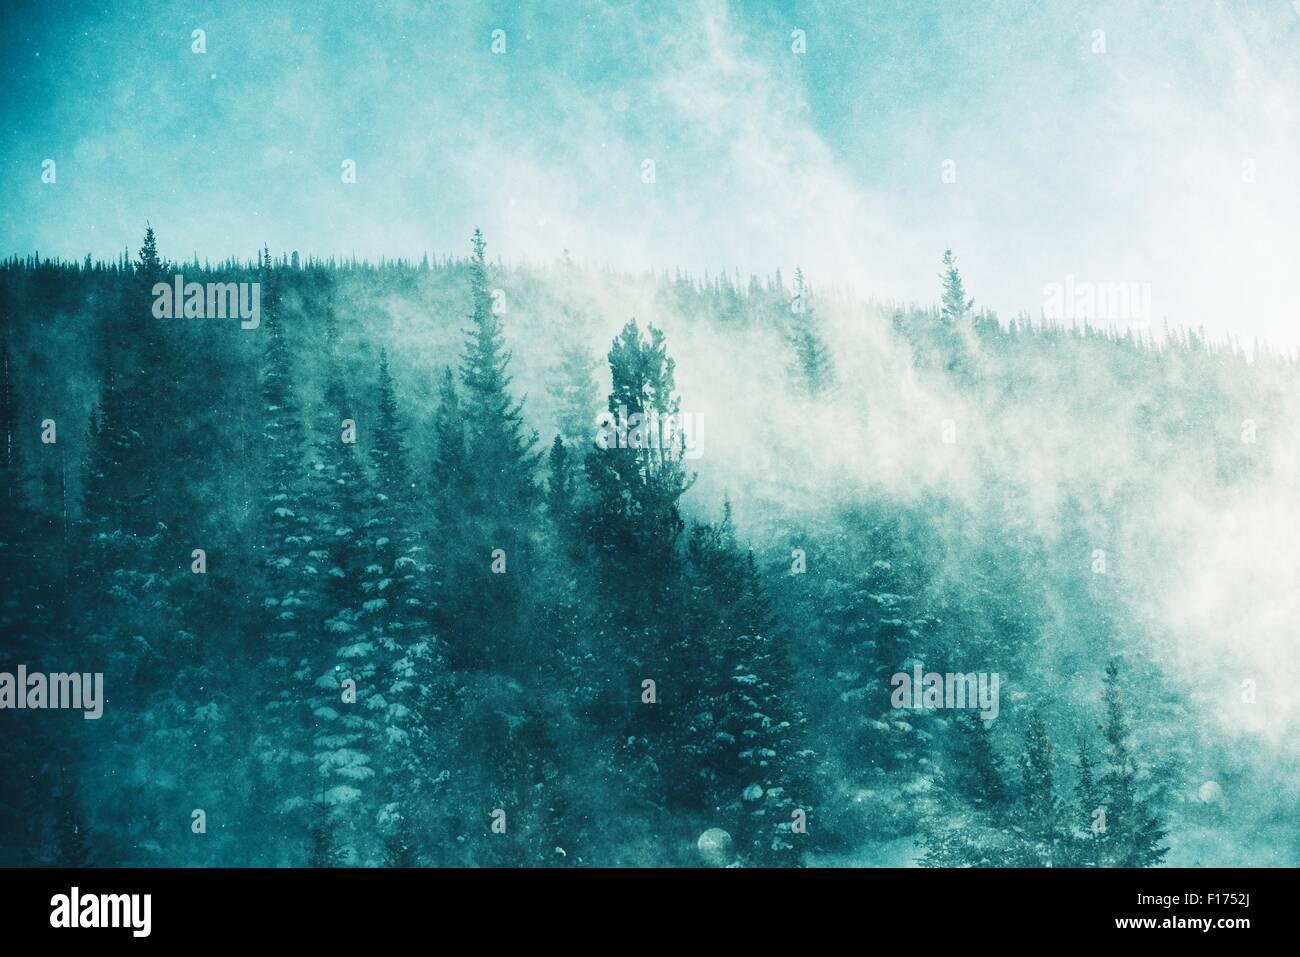 Der Wintersturm. Extreme Wintersturm Bedingungen mit starkem Wind und Schneetreiben im Wald. Winterlandschaft Stockbild